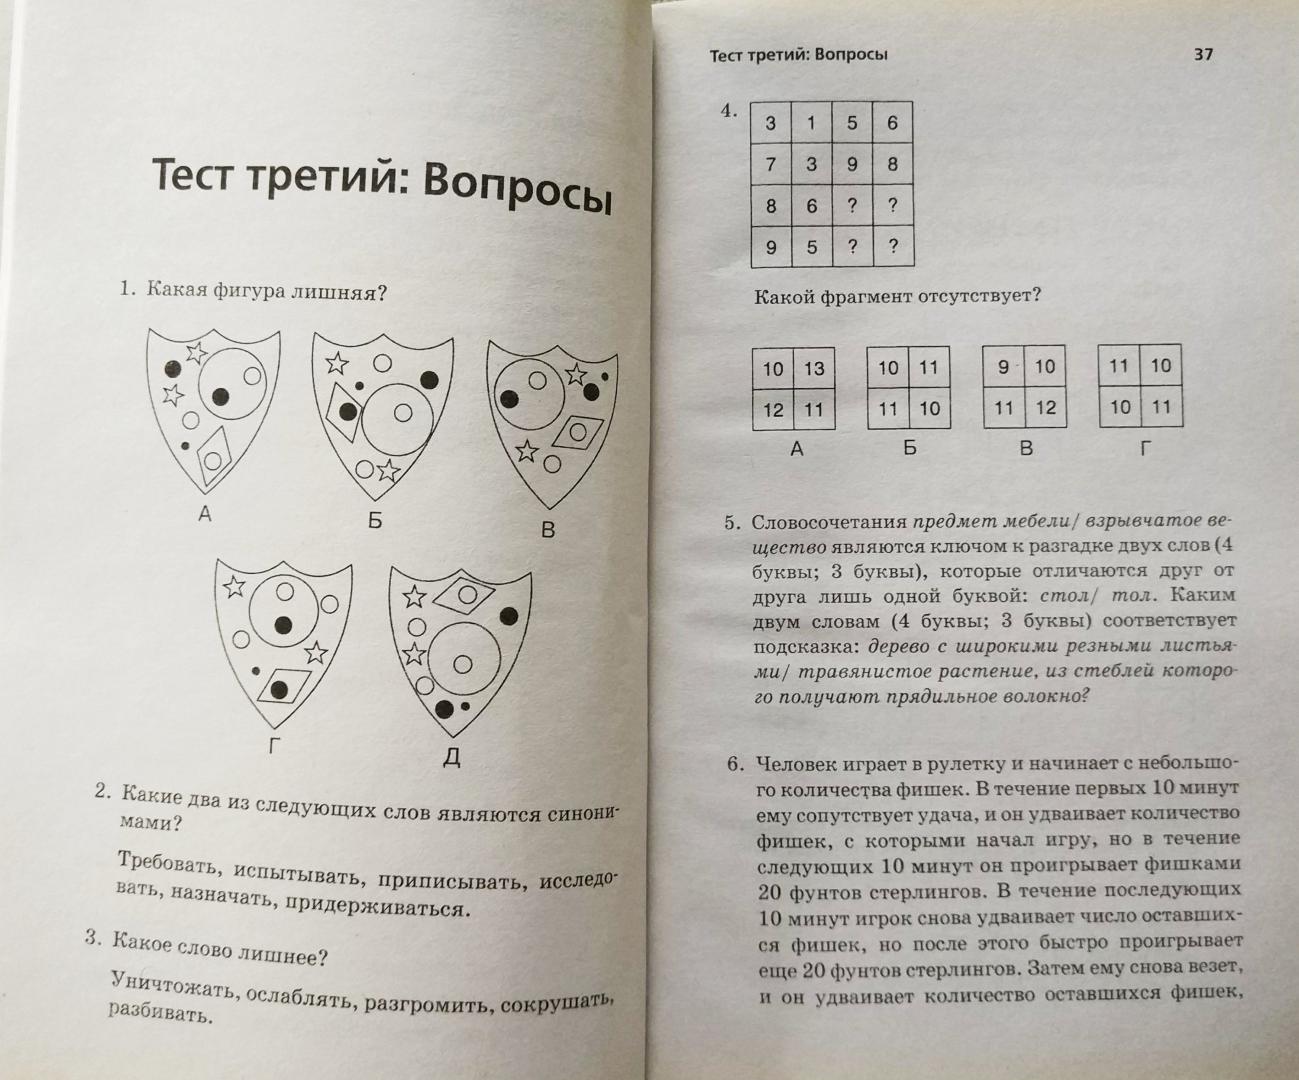 Иллюстрация 4 из 8 для Самые точные тесты IQ - Картер, Рассел | Лабиринт - книги. Источник: Ершова  Надежда Борисовна